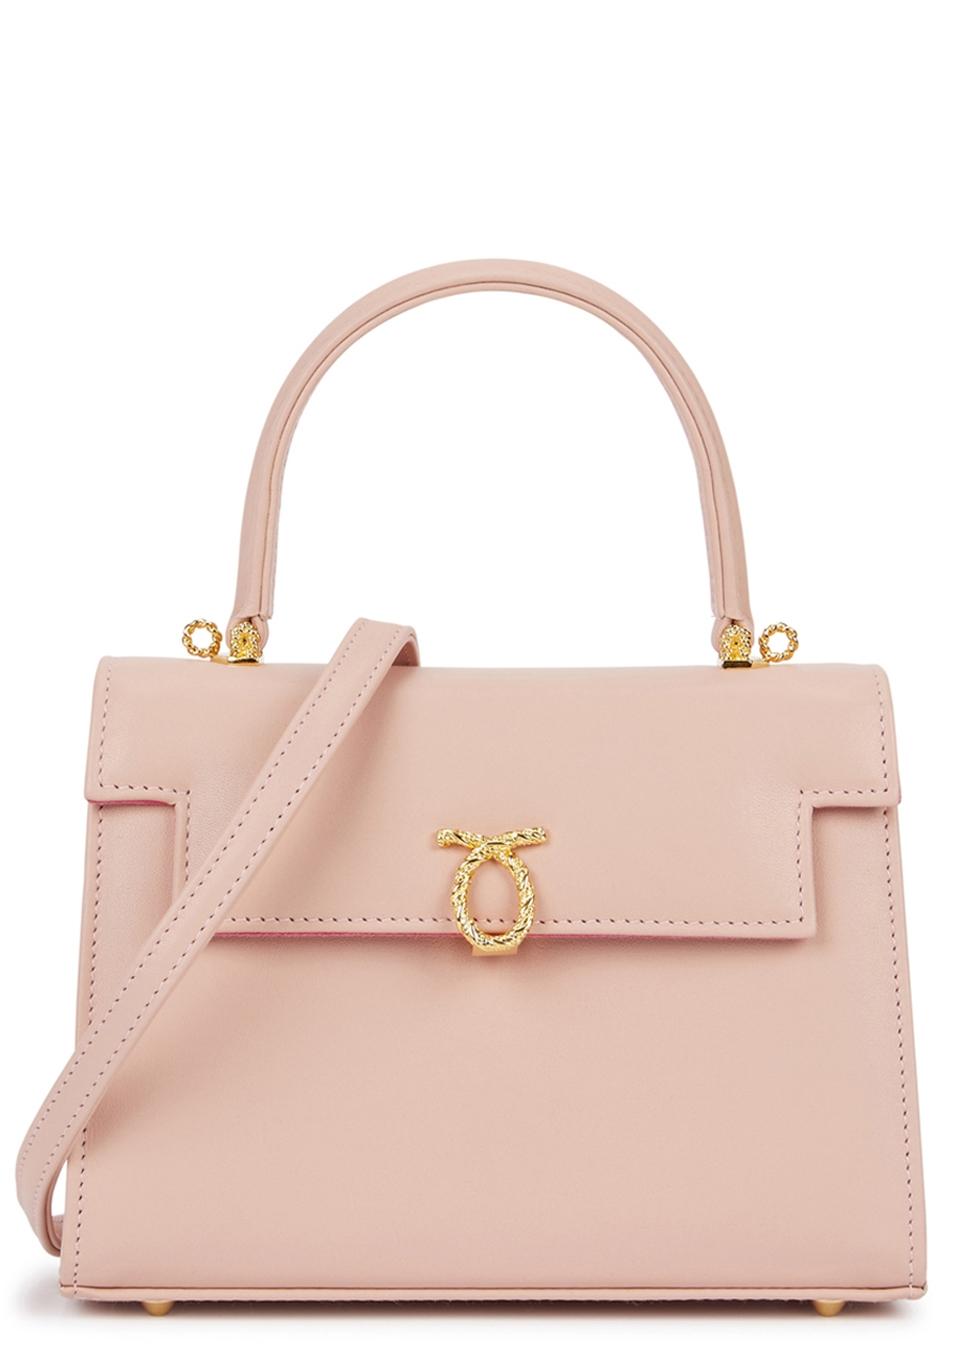 LAUNER Judi Rose Leather Shoulder Bag